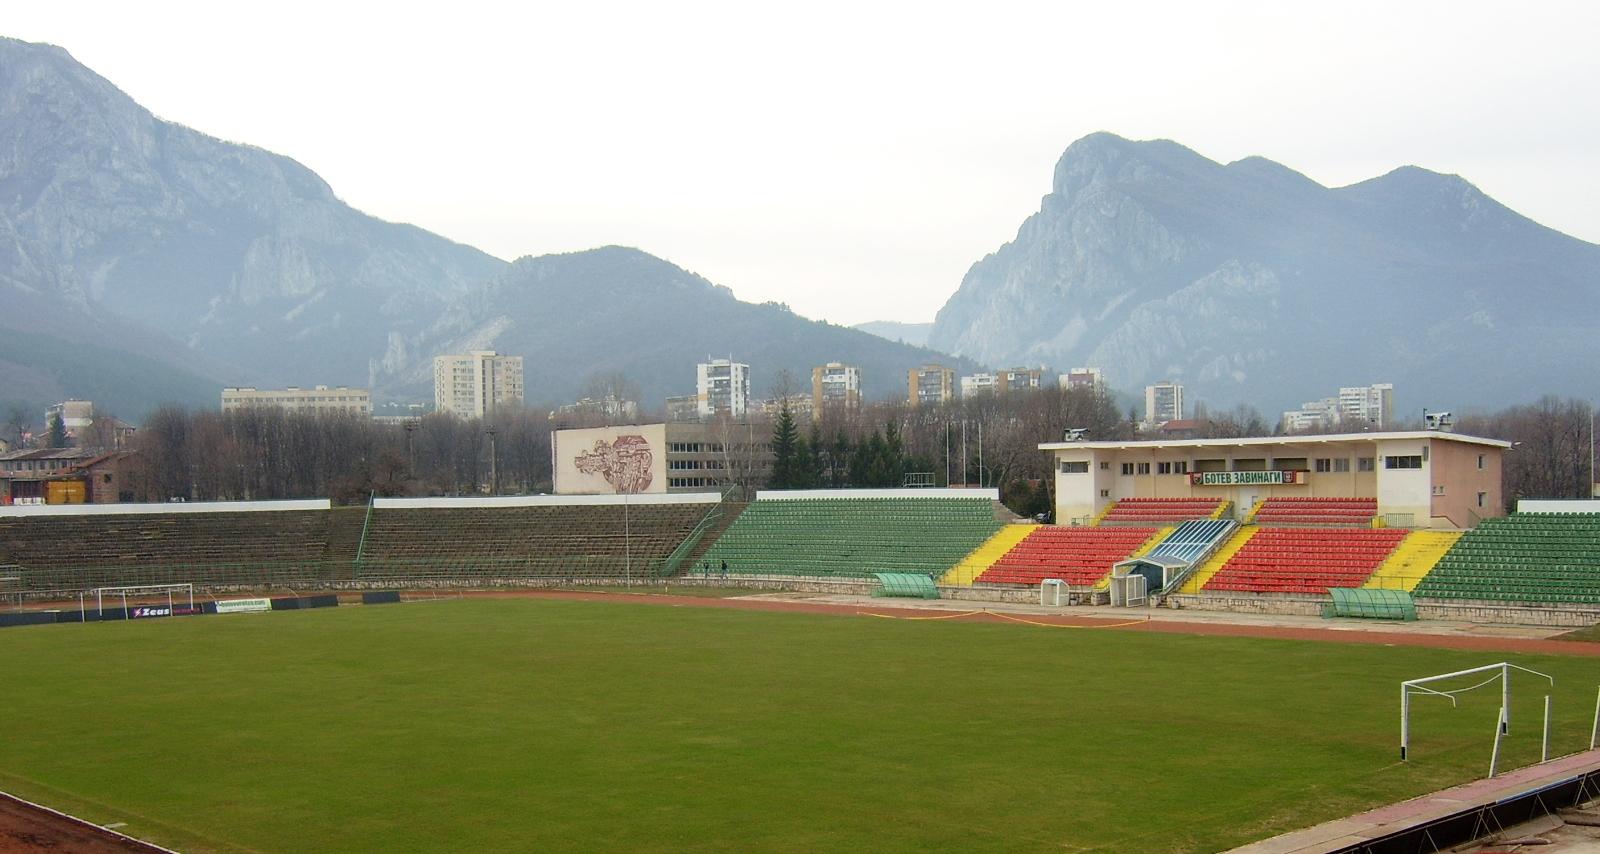 Христо Ботев (стадион, Враца) — Википедия